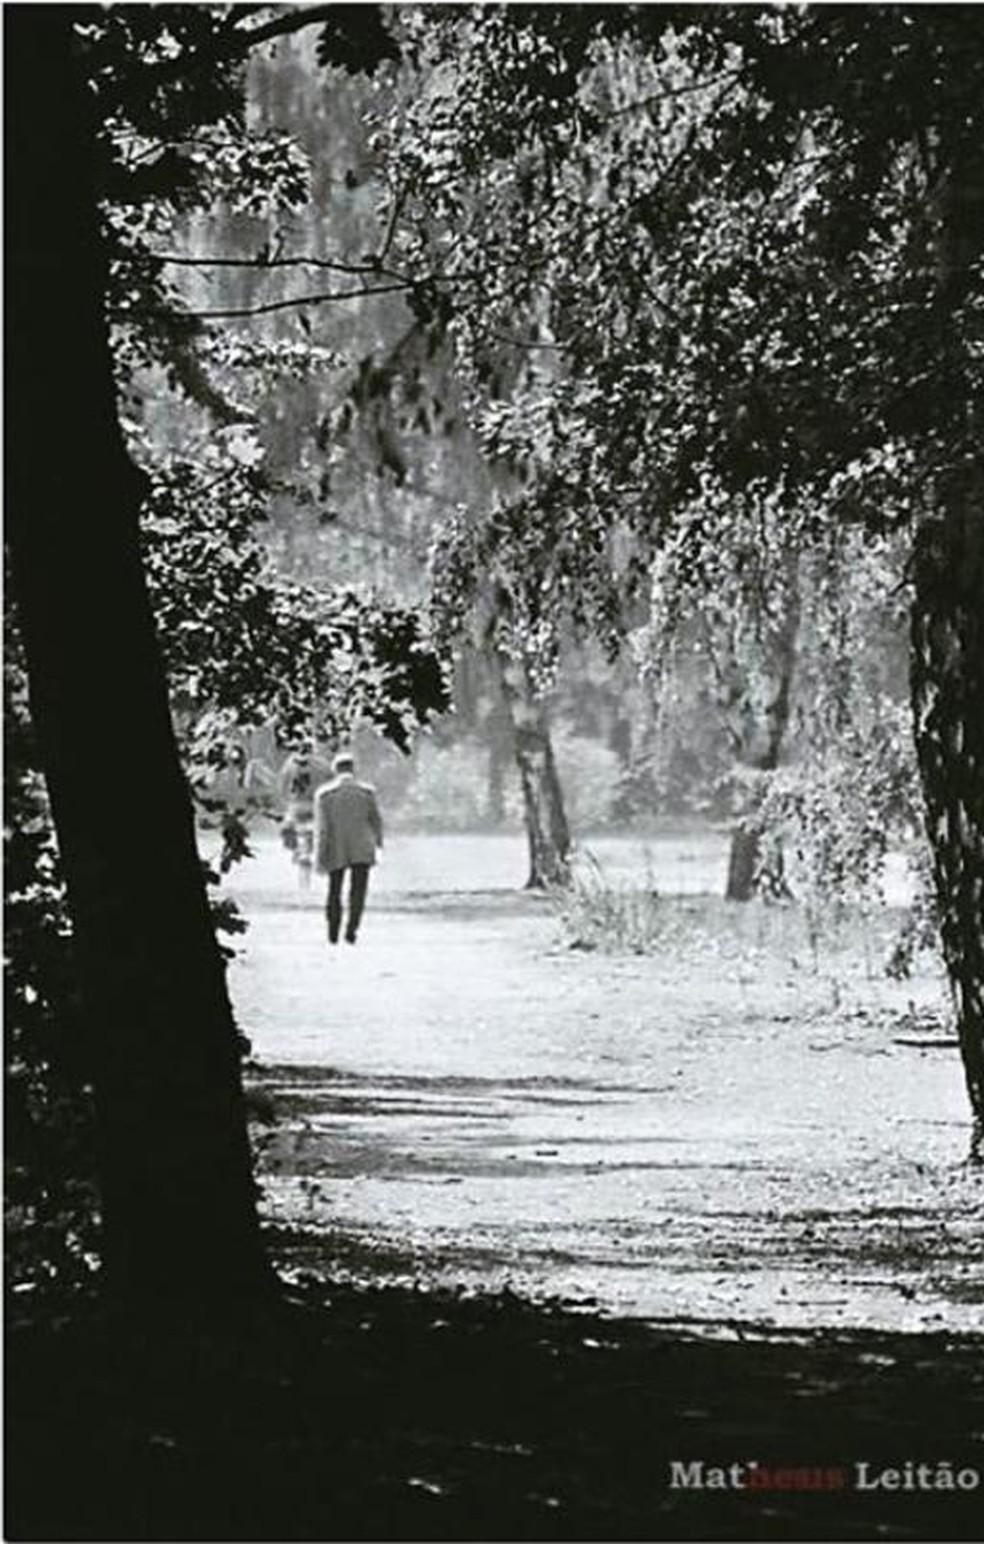 Imagem do Viktoriapark, em Berlim — Foto: Matheus Leitão